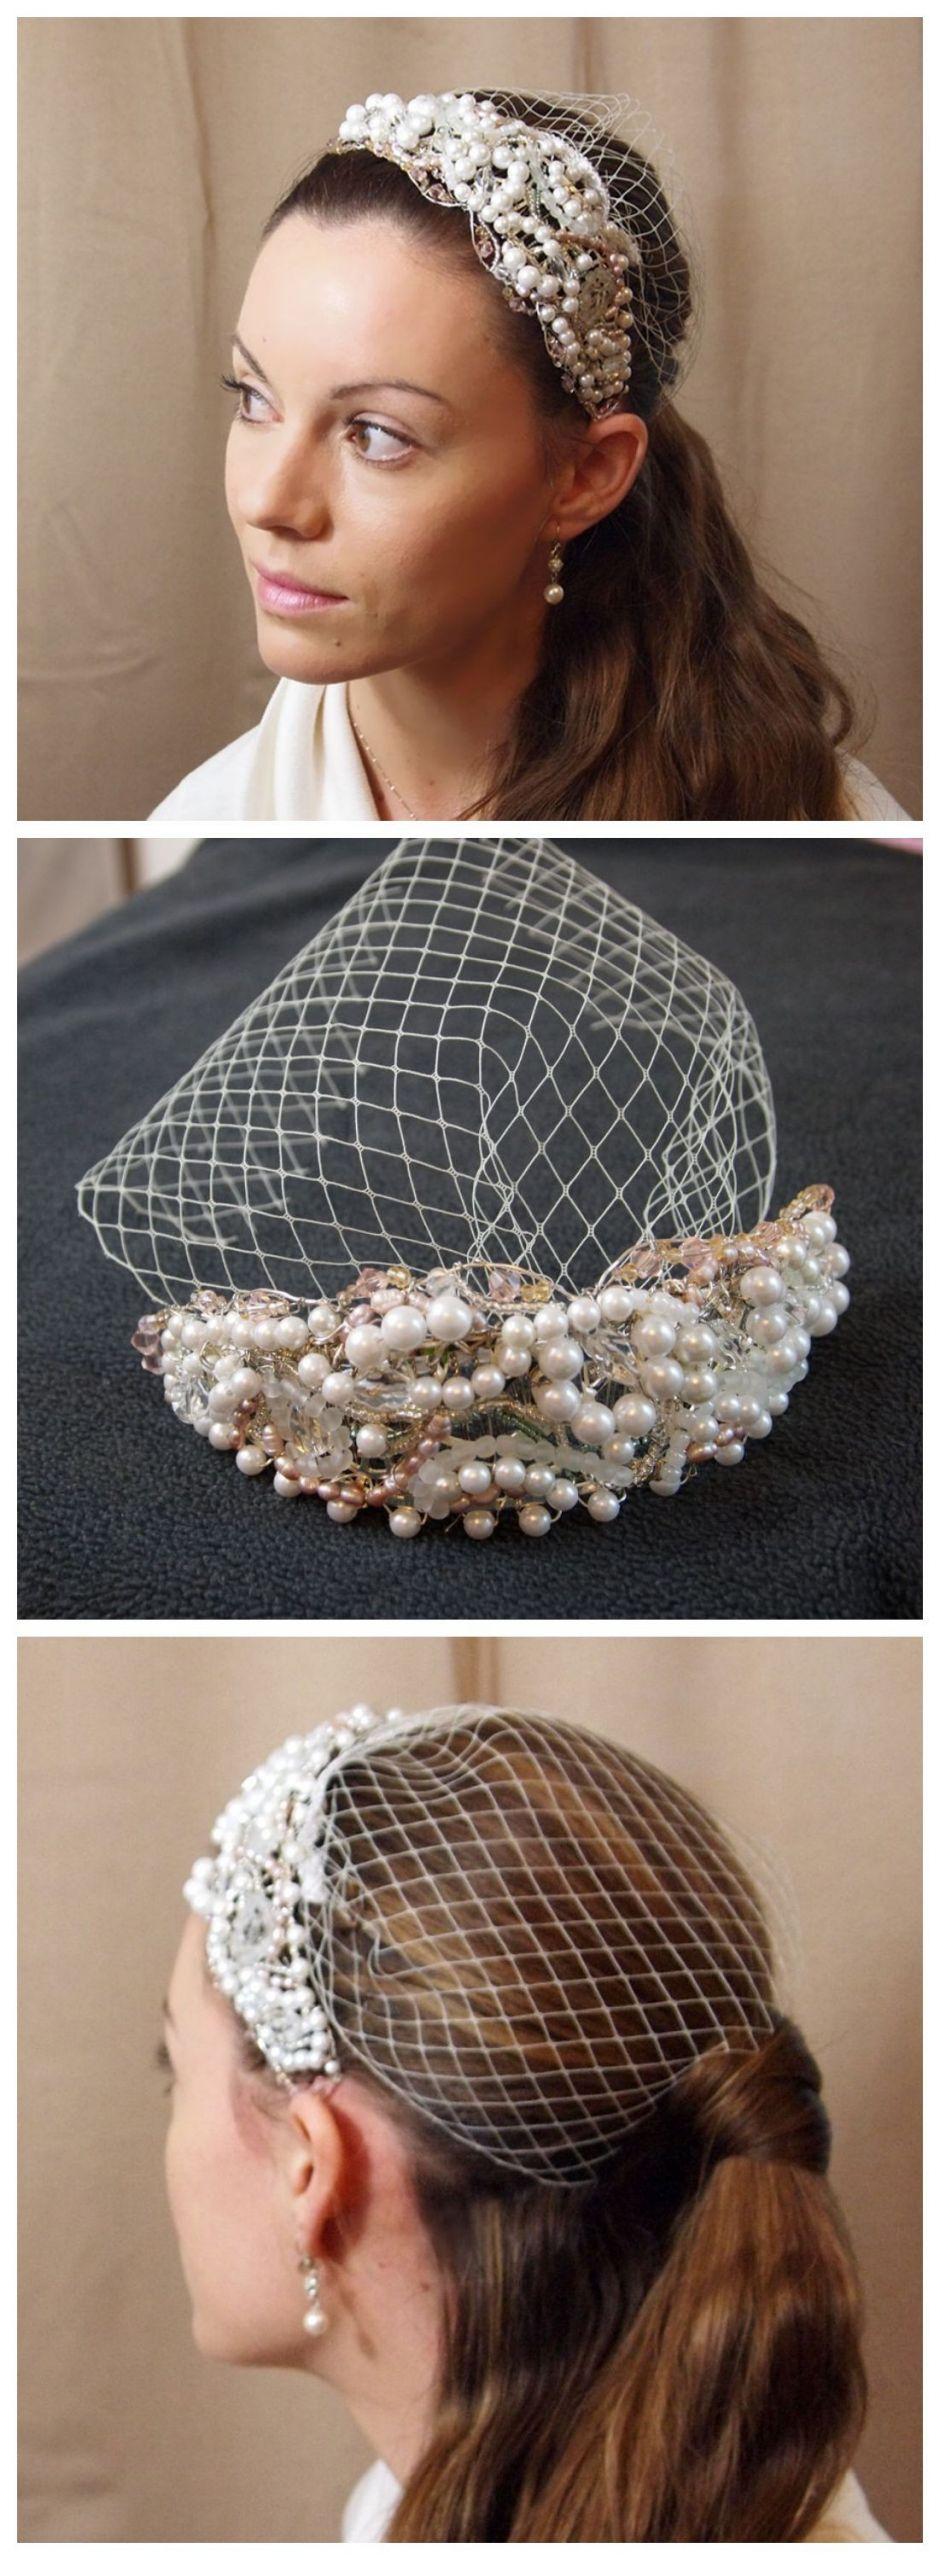 DIY Wedding Headpieces  Unique DIY Beautiful HeadPiece & Small Veil